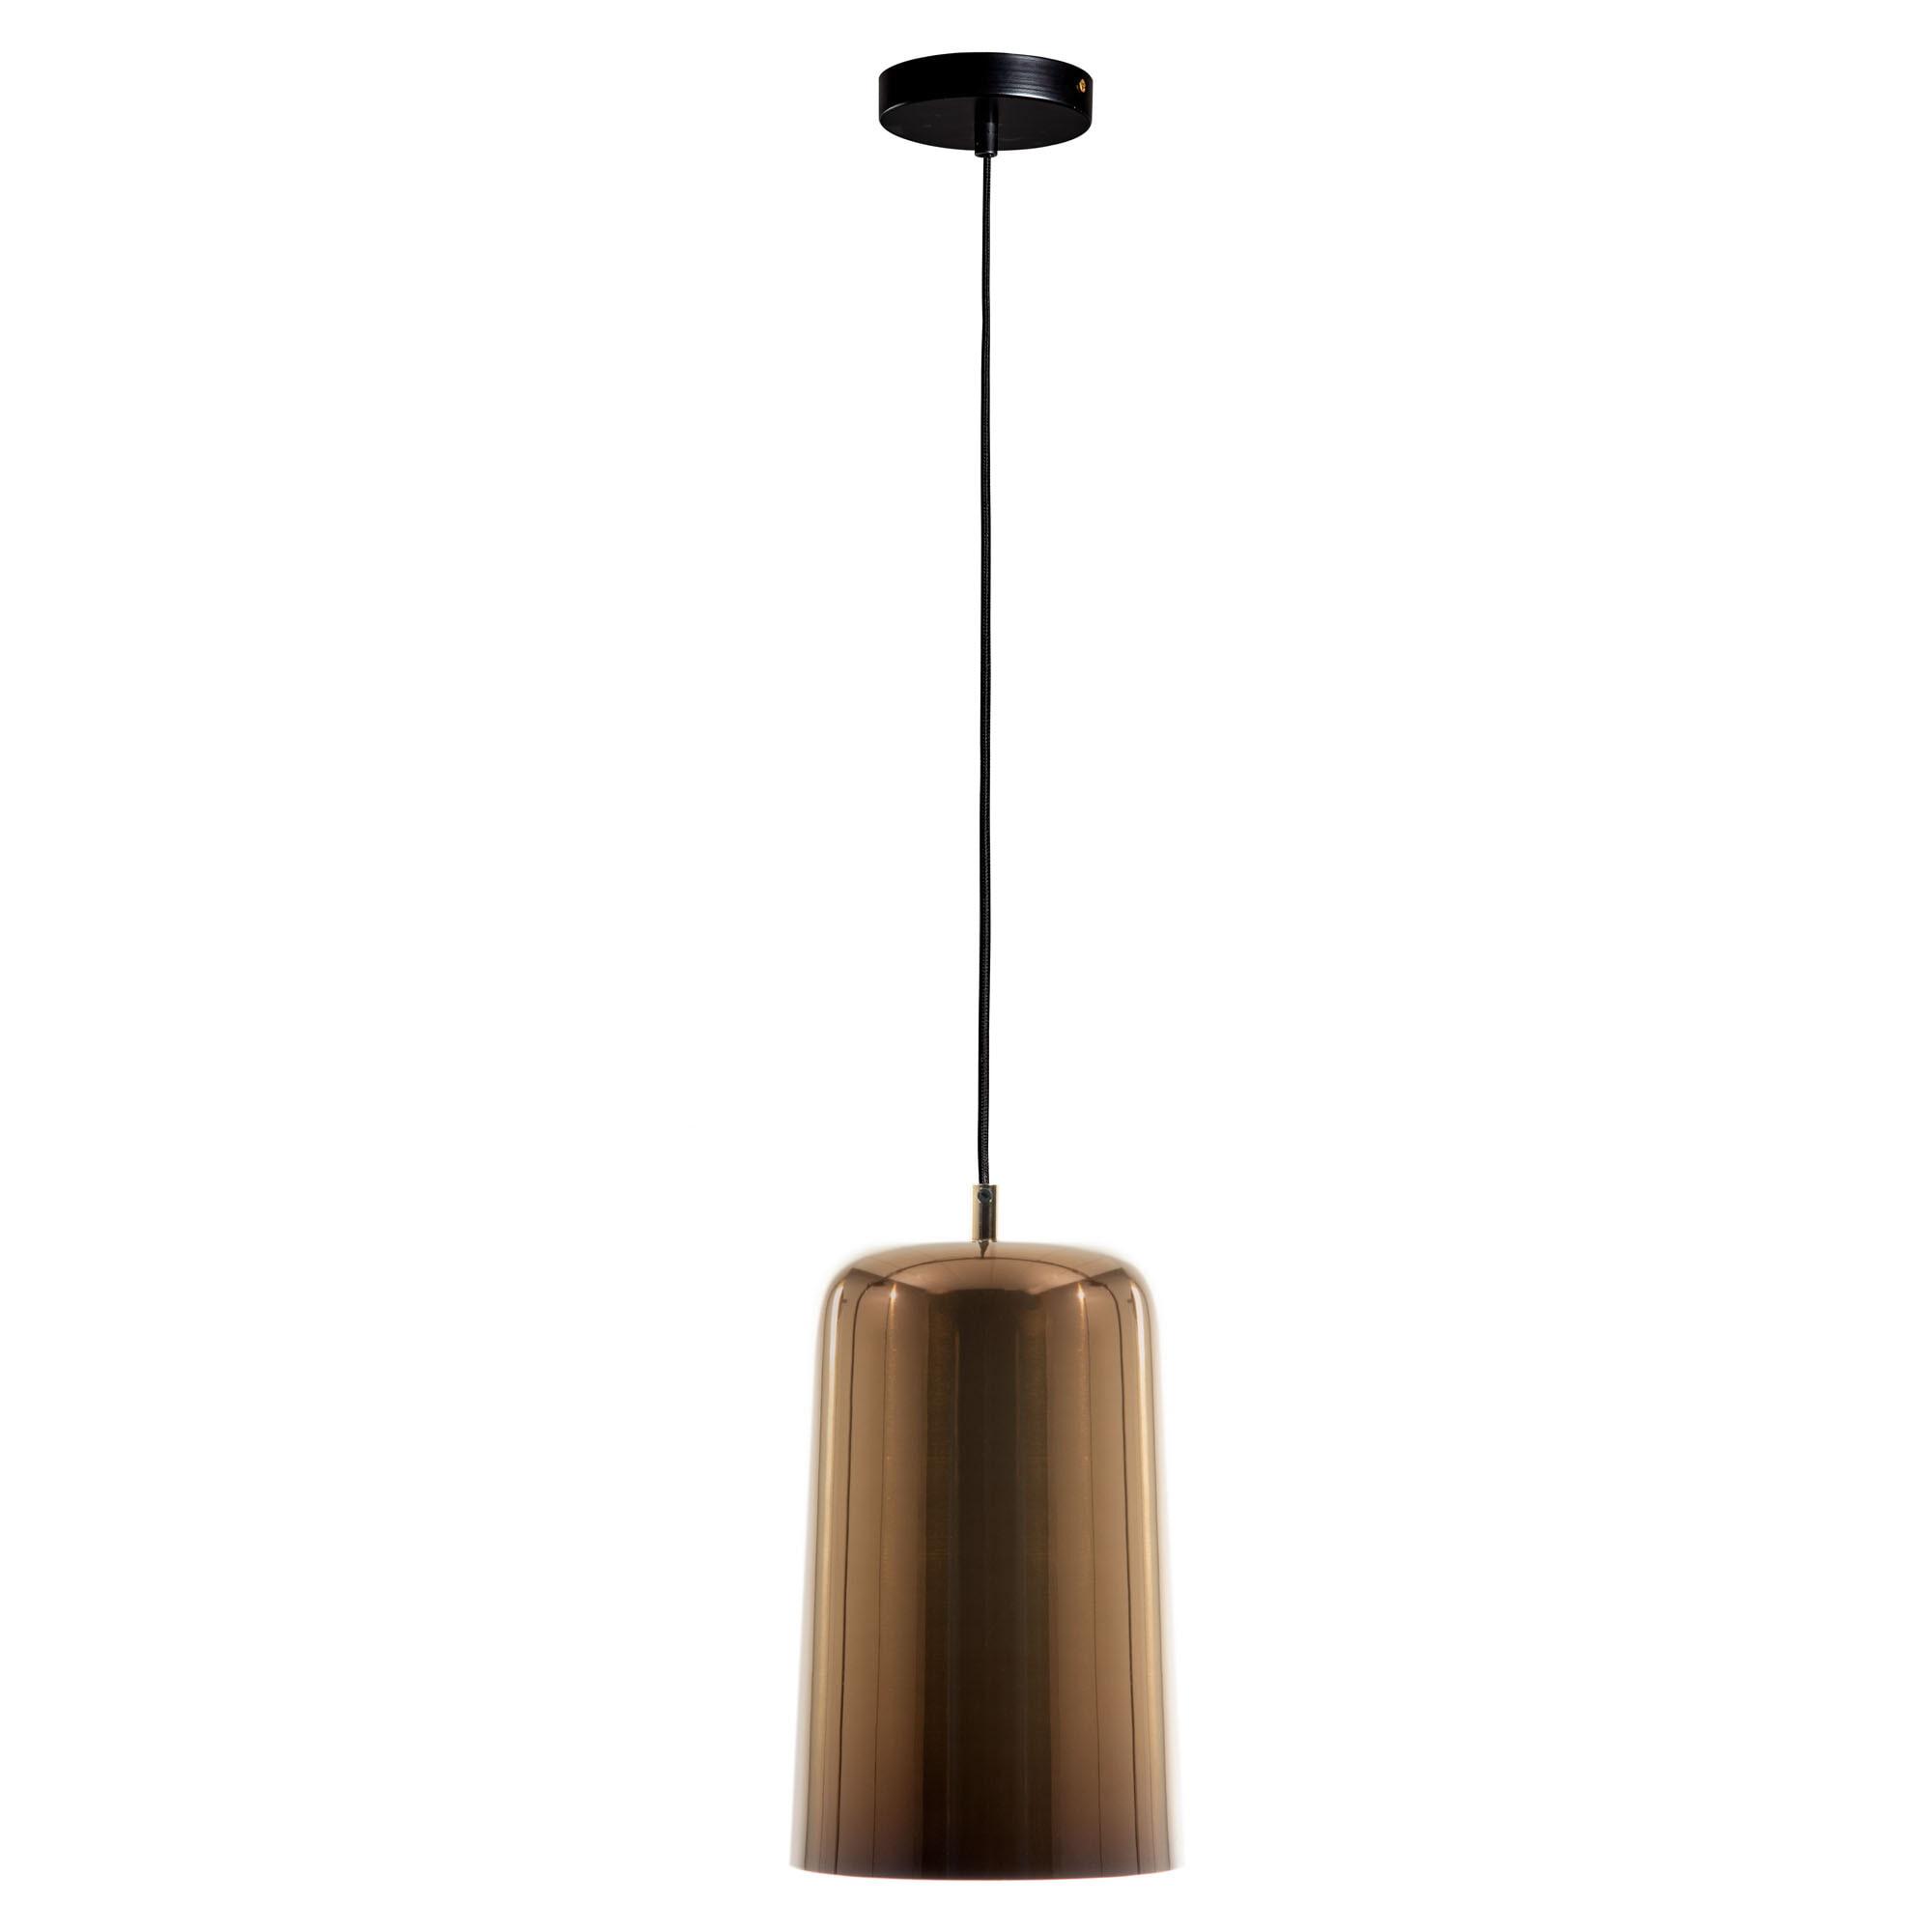 Kave Home Hanglamp 'Anina', kleur Koper